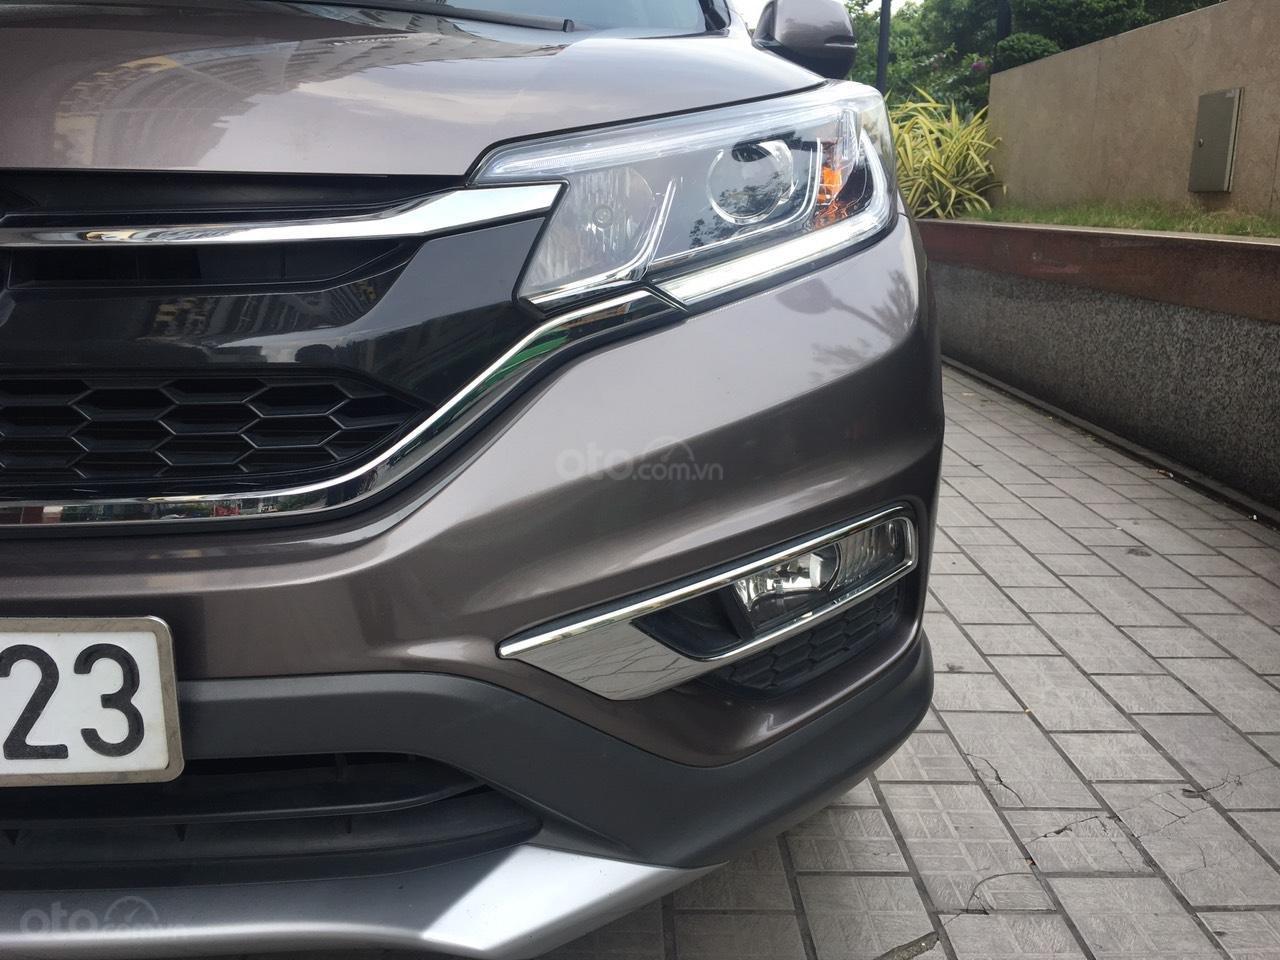 Cần thanh lý Honda CRV đời 2015 full option, xe đẹp giá tốt (2)